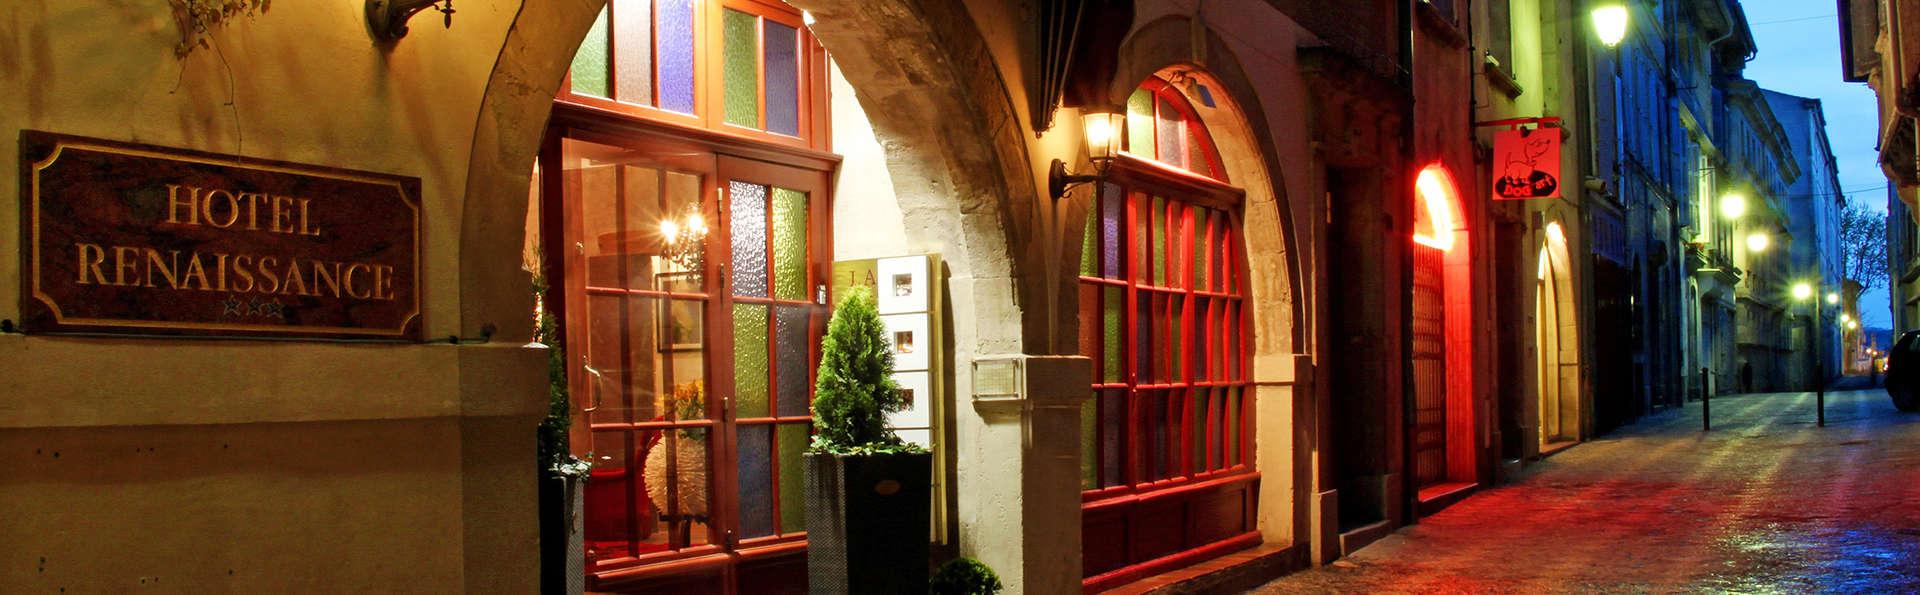 Hôtel Renaissance - EDIT_Fachada_2.jpg